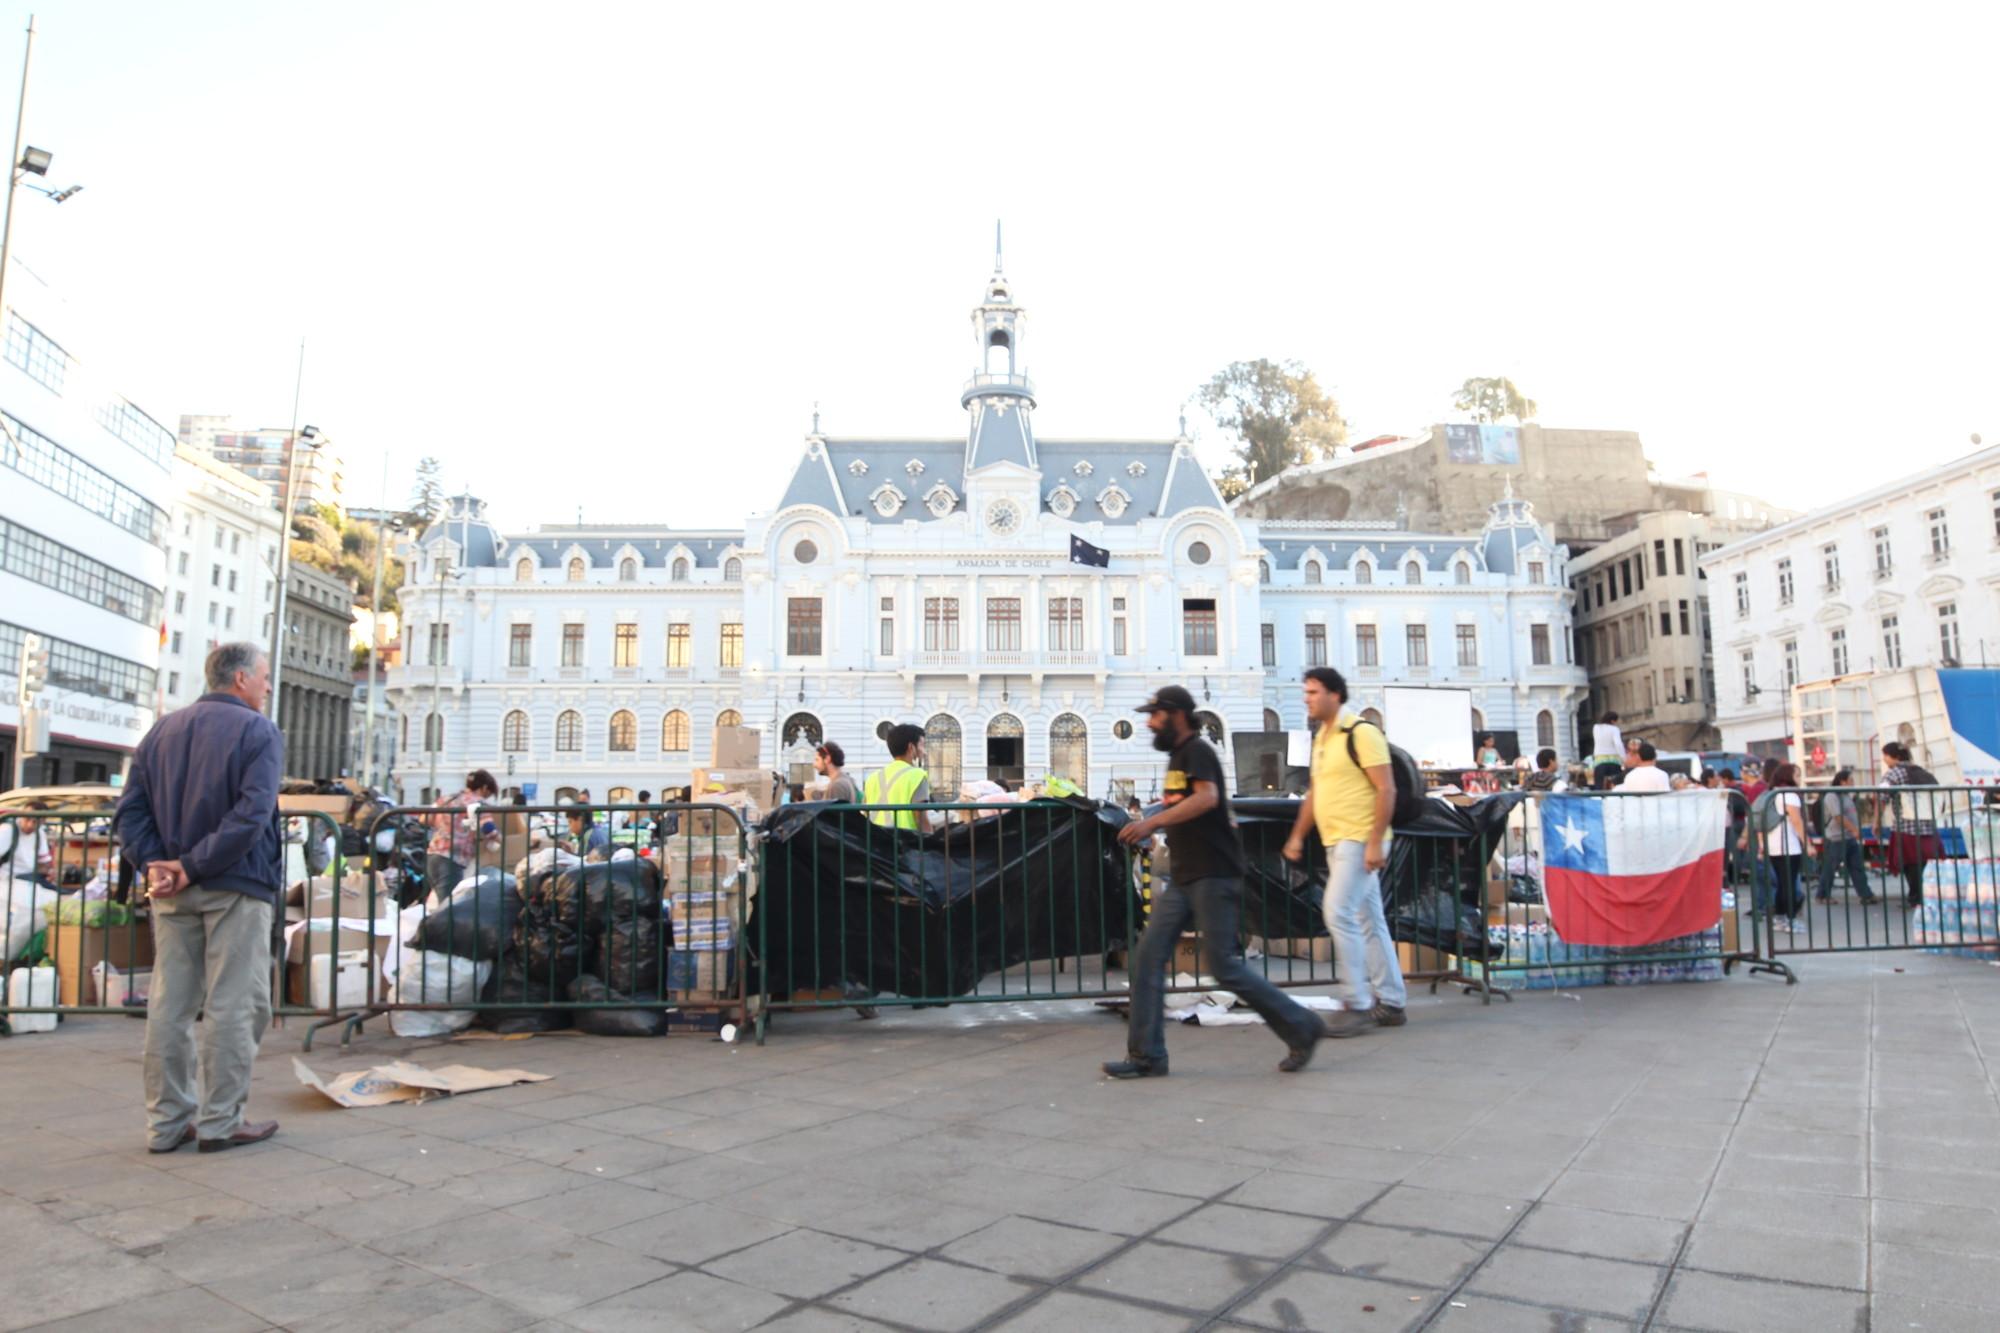 Recolección de donaciones en Plaza Sotomayor, Valparaíso. Image Courtesy of Nicolás Valencia